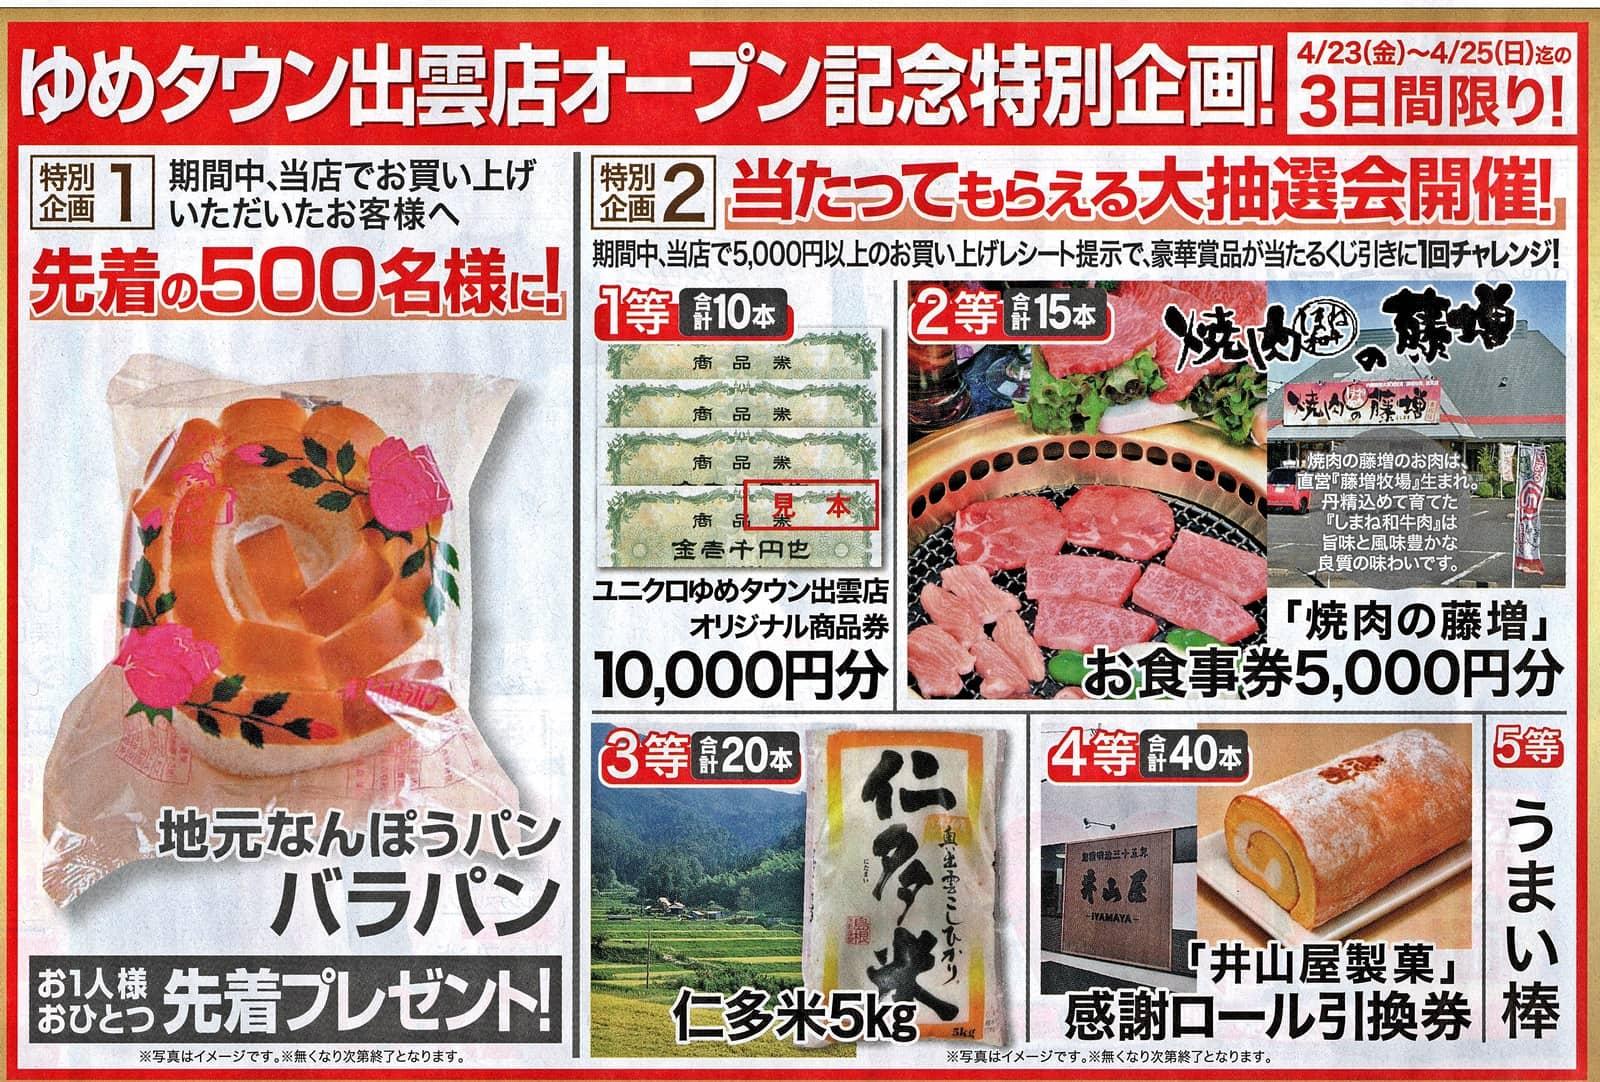 ユニクロ ゆめタウン出雲店 オープン記念